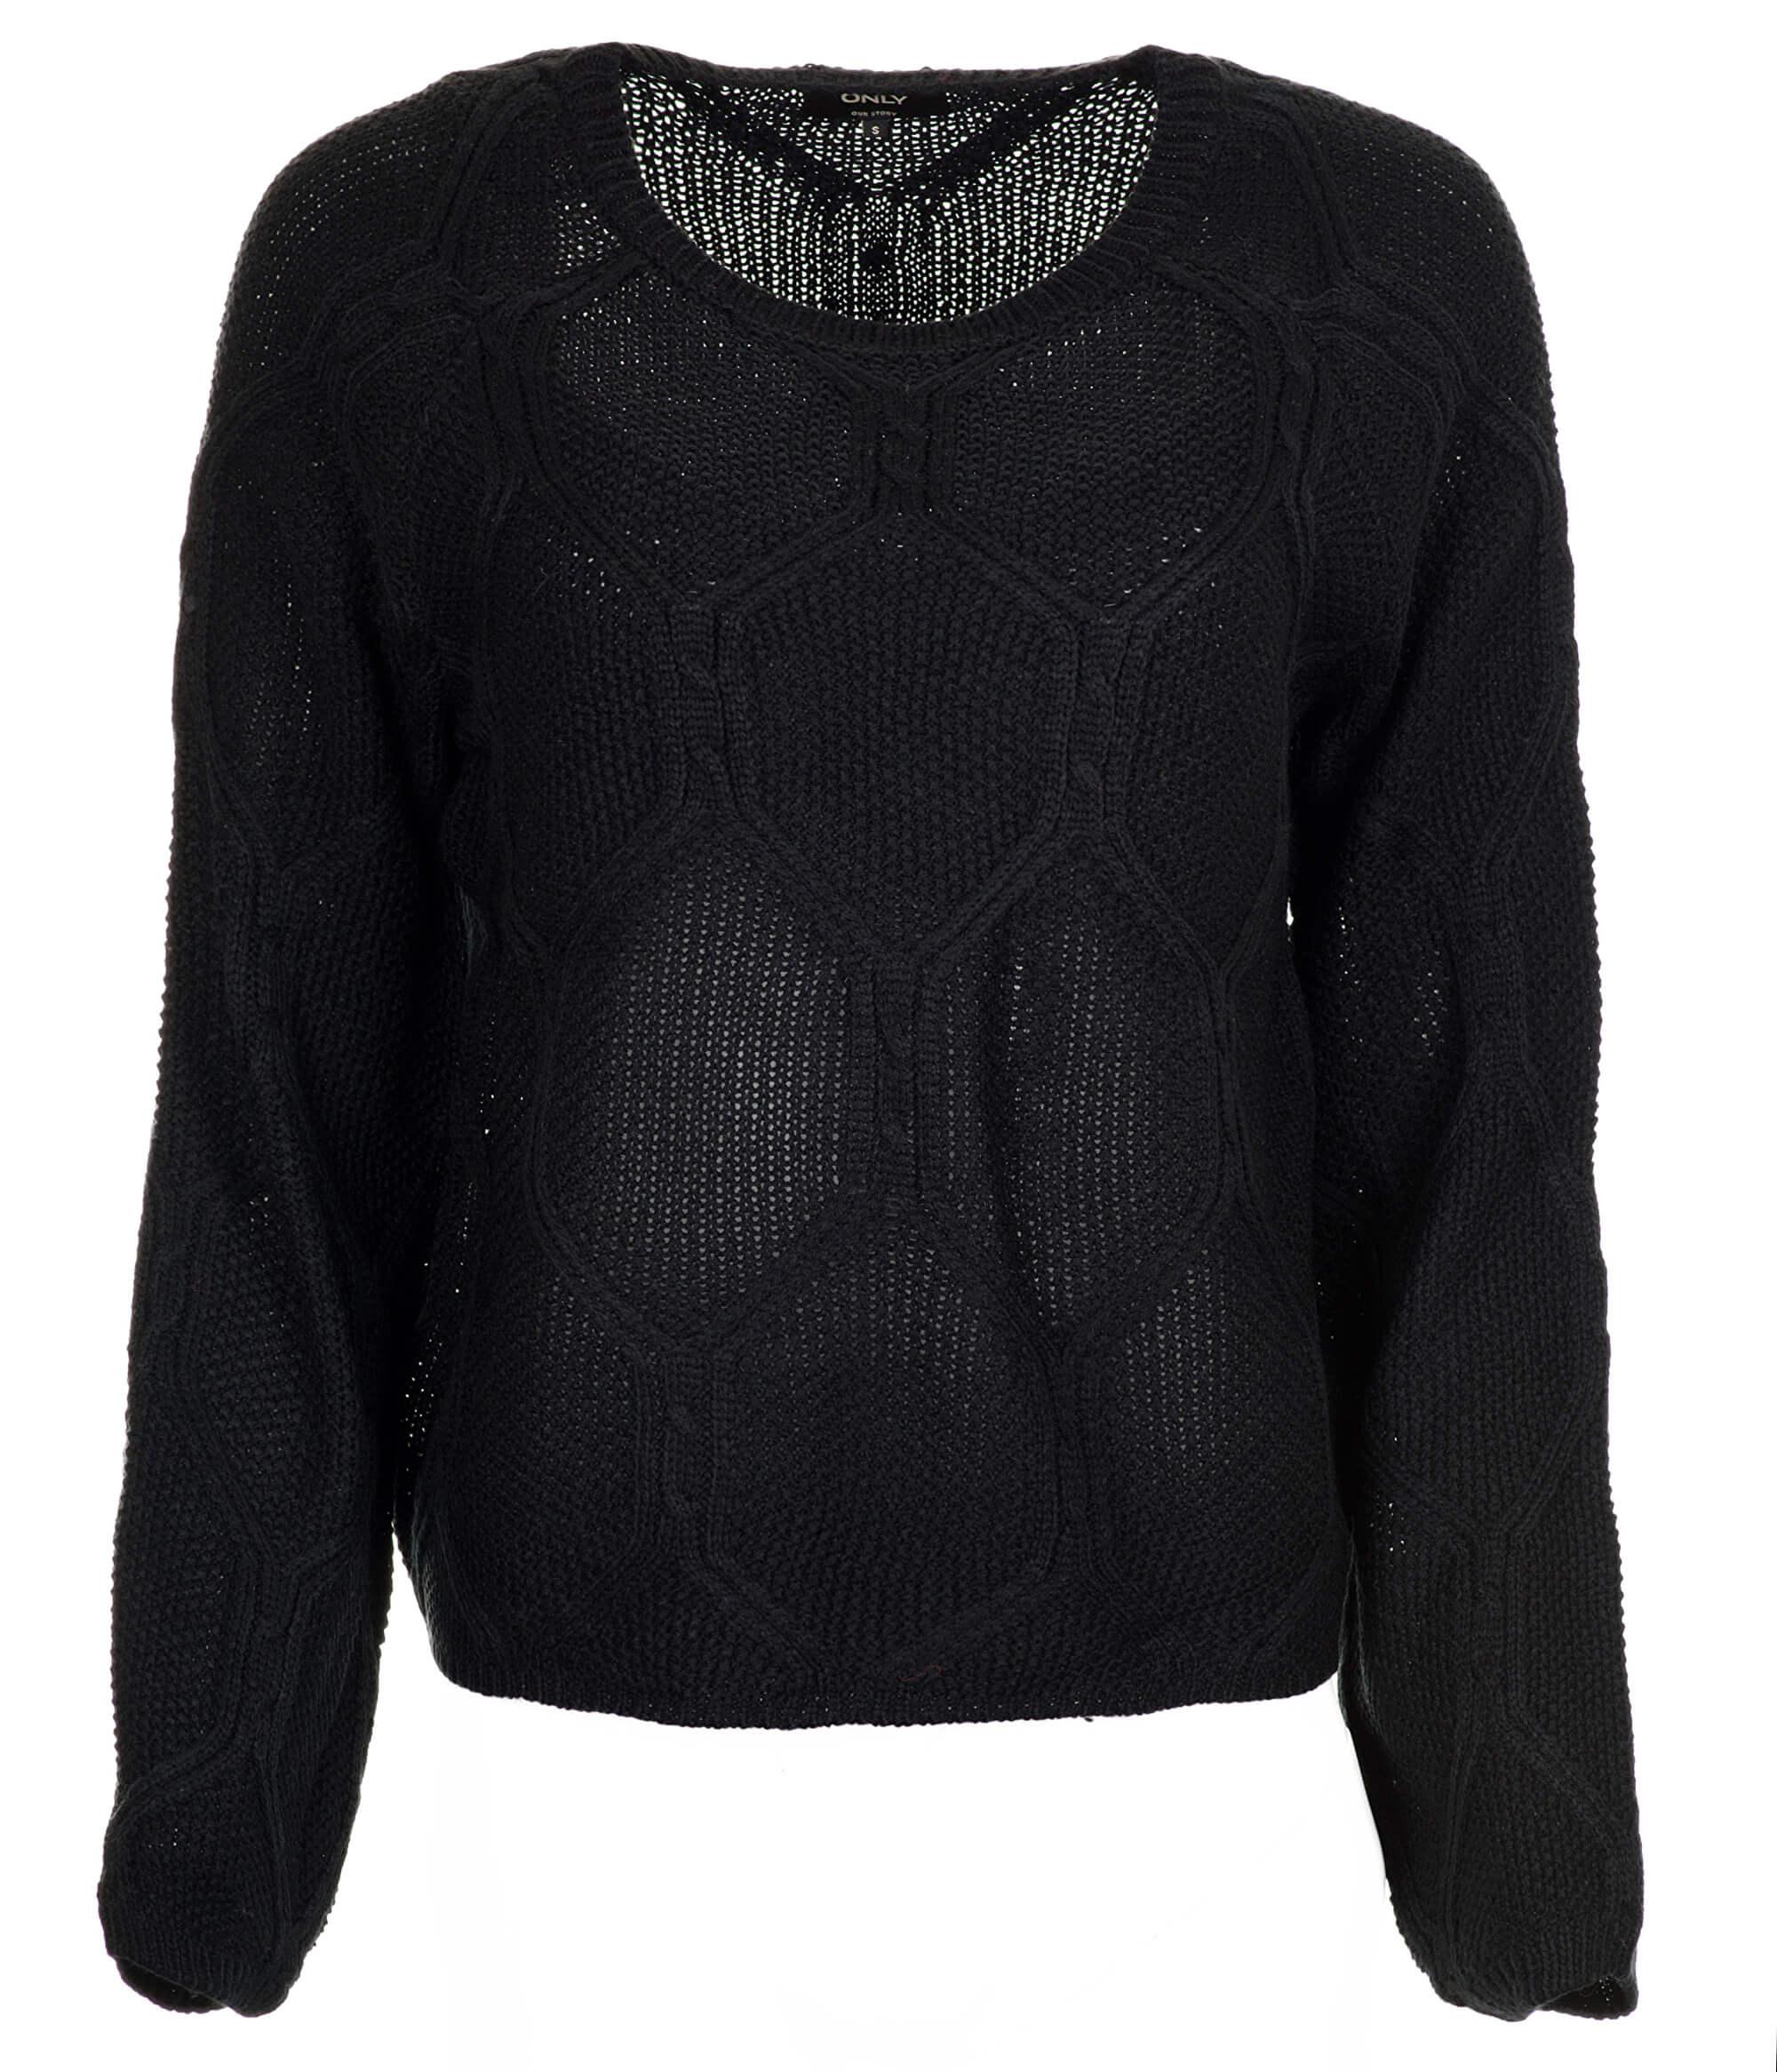 dd7b04ec6f7 ONLY Dámský svetr Felina L S Pullover KNT Black